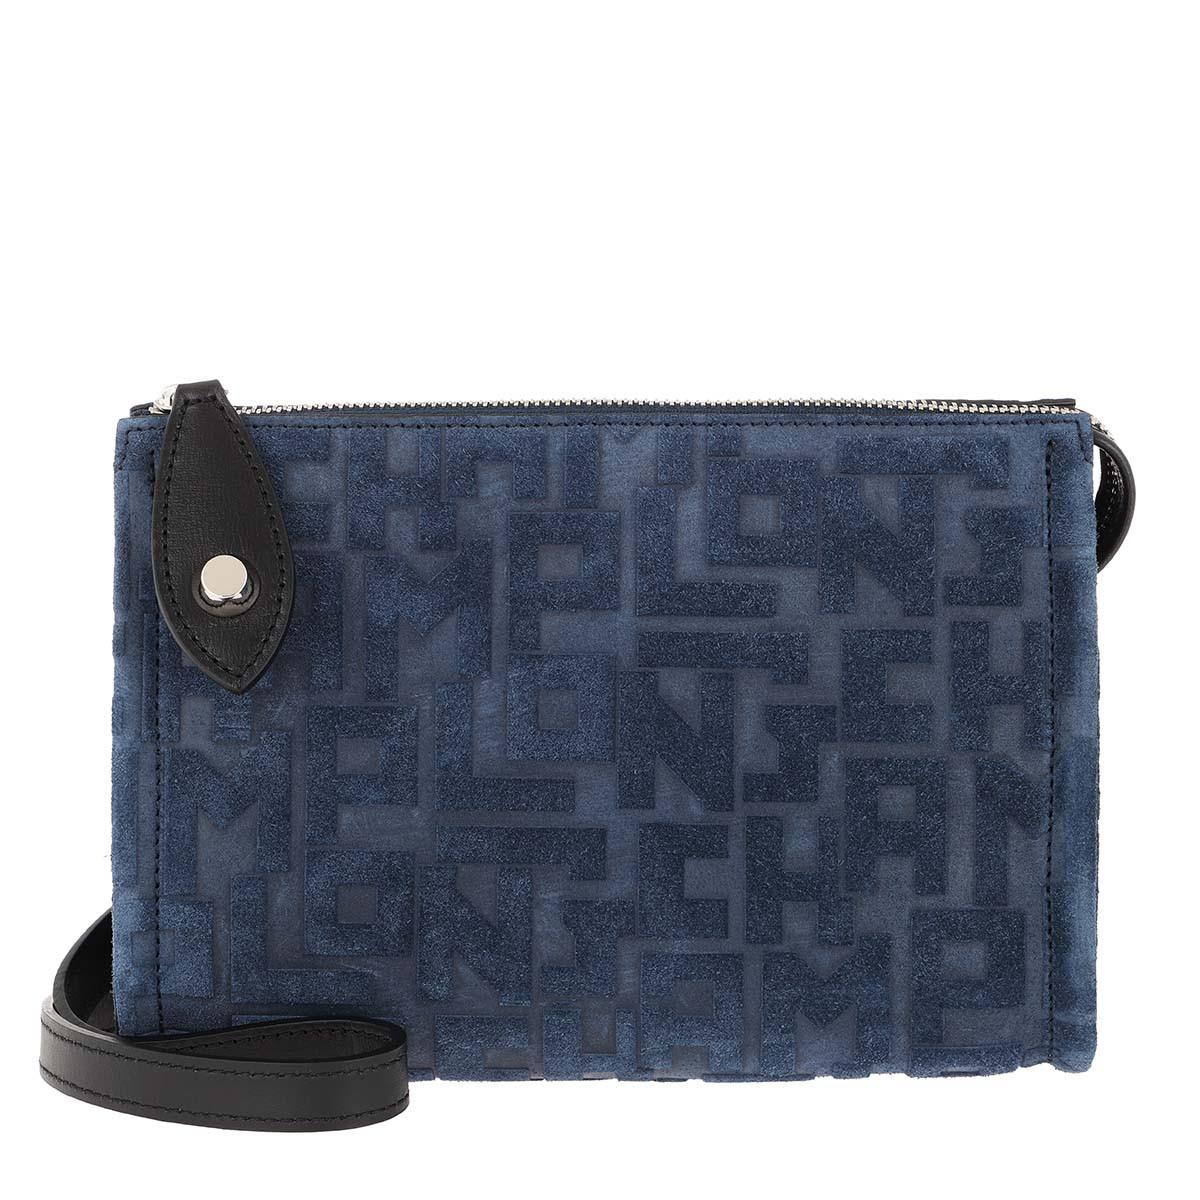 Longchamp Umhängetasche - La Voyageuse LGP Velours Navy - in blau - für Damen